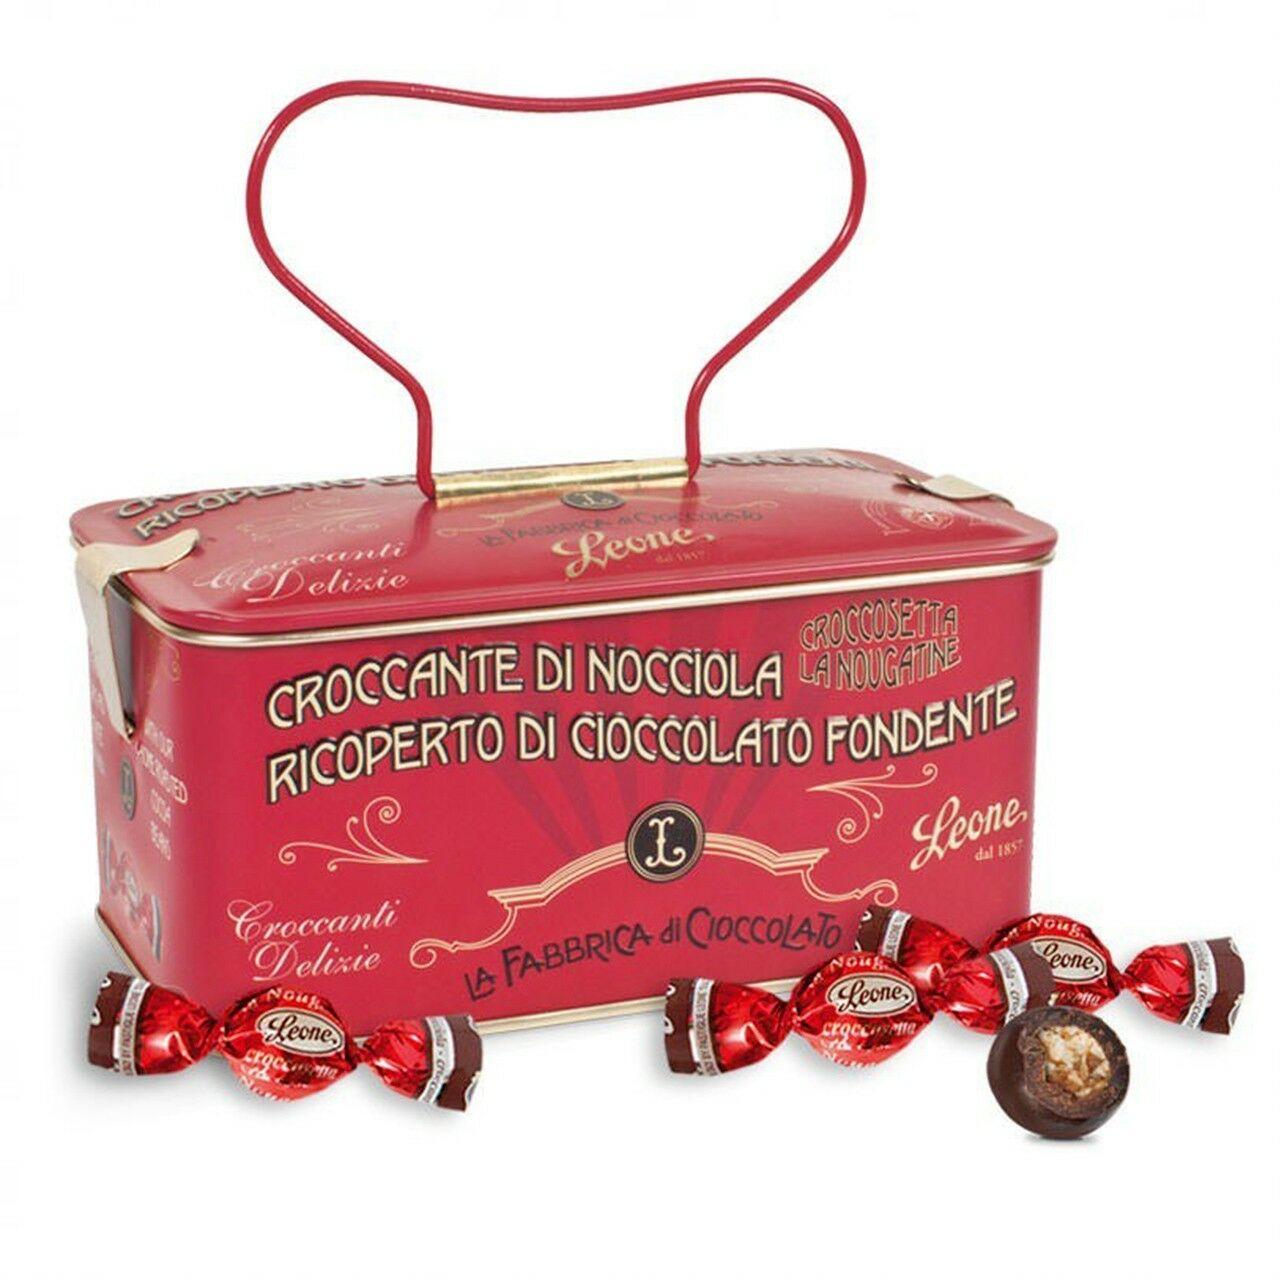 Scrigno Croccante alla nocciola ricoperto di cioccolato - 150g